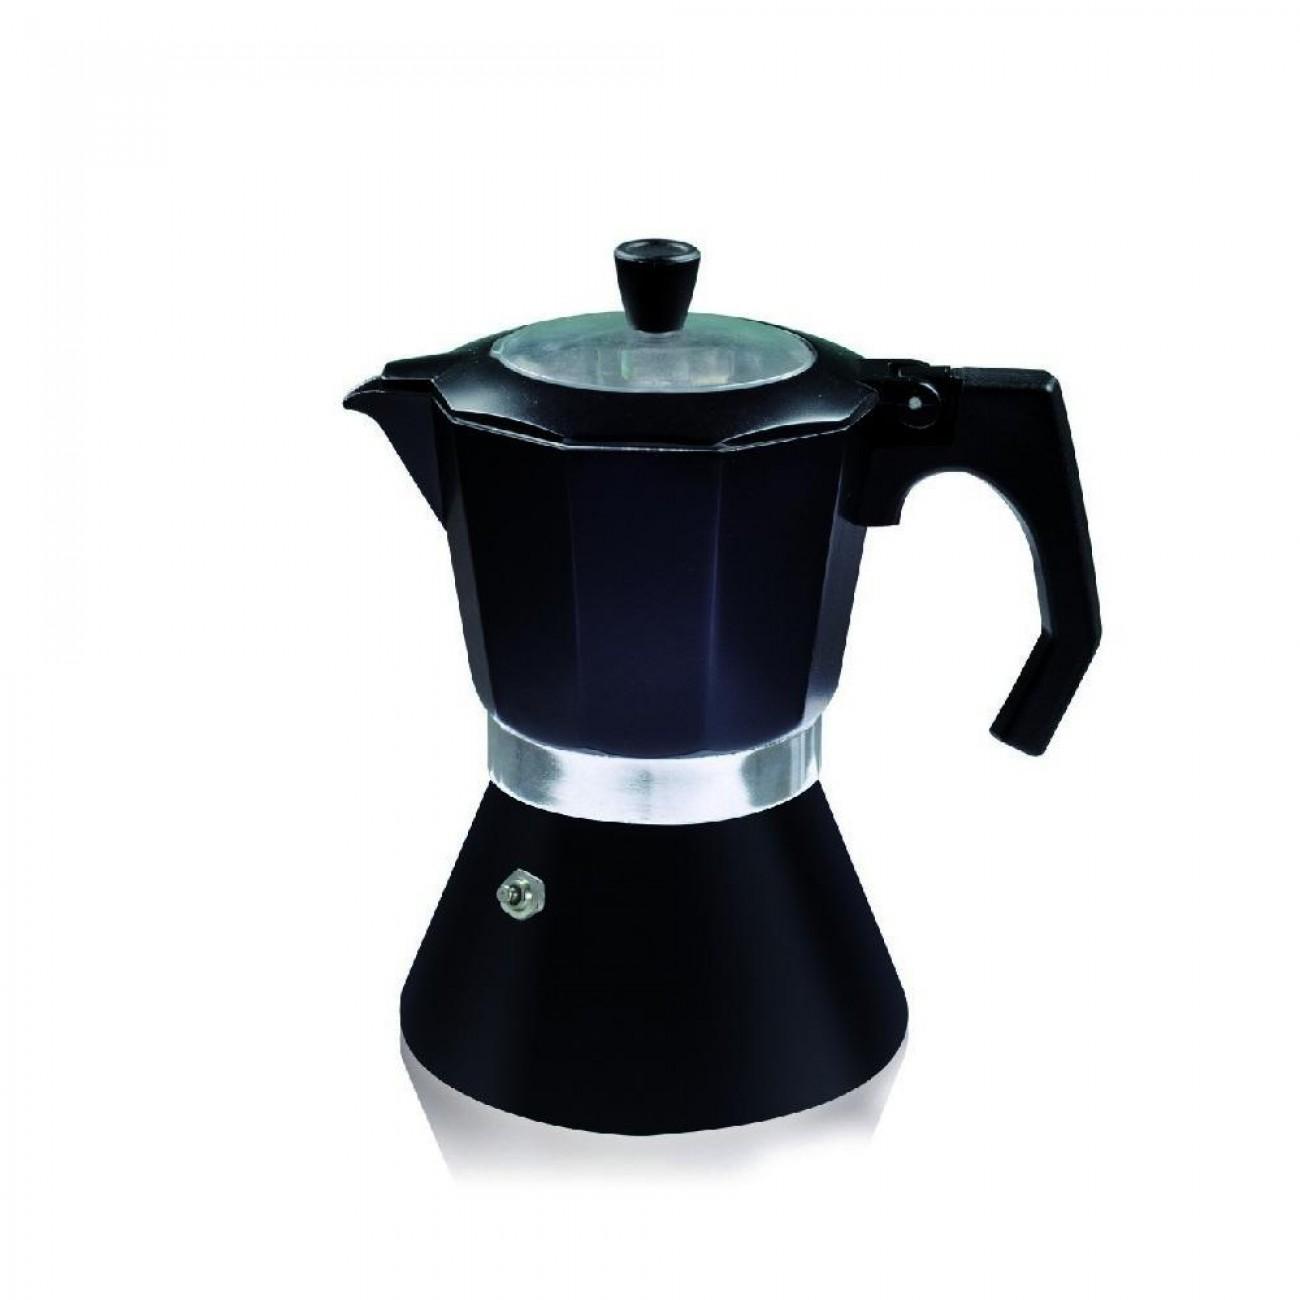 Кубинска кафеварка за индукционен котлон ZEPHYR ZP 1173 DI12, 12 чаши, Черна в Кафеварки за котлон - ZEPHYR | Alleop